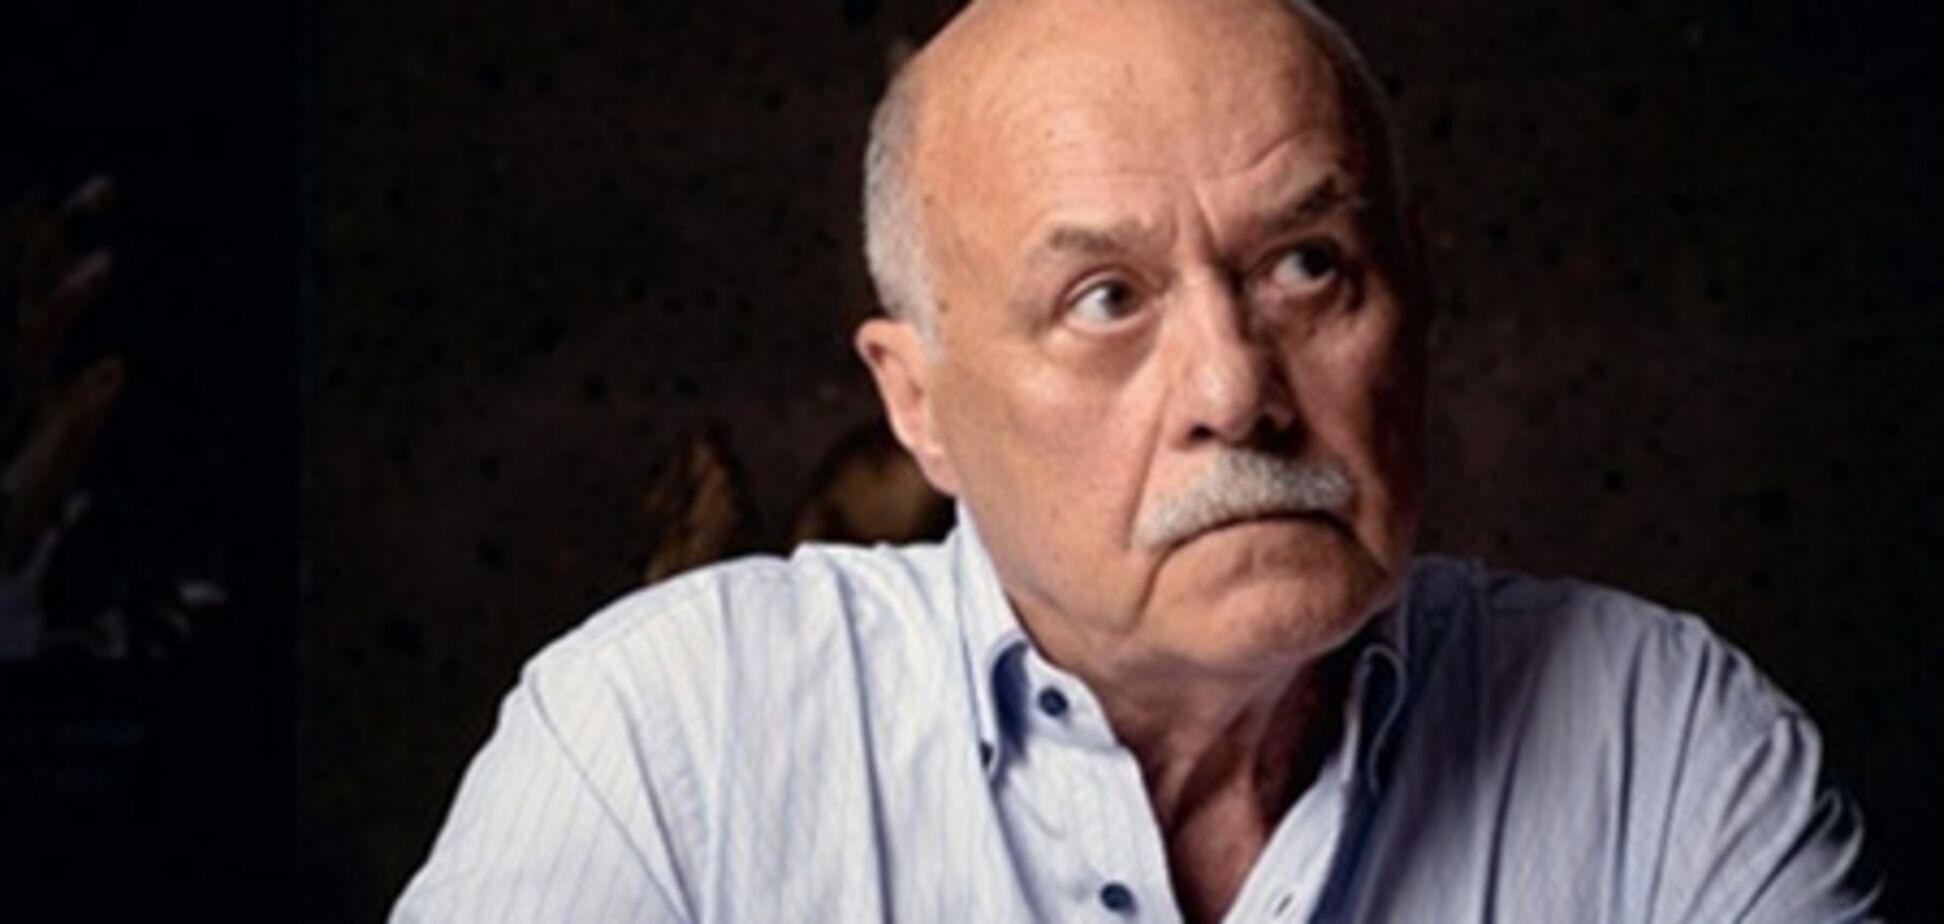 'Злая шутка': росСМИ 'похоронили' режиссера Говорухина